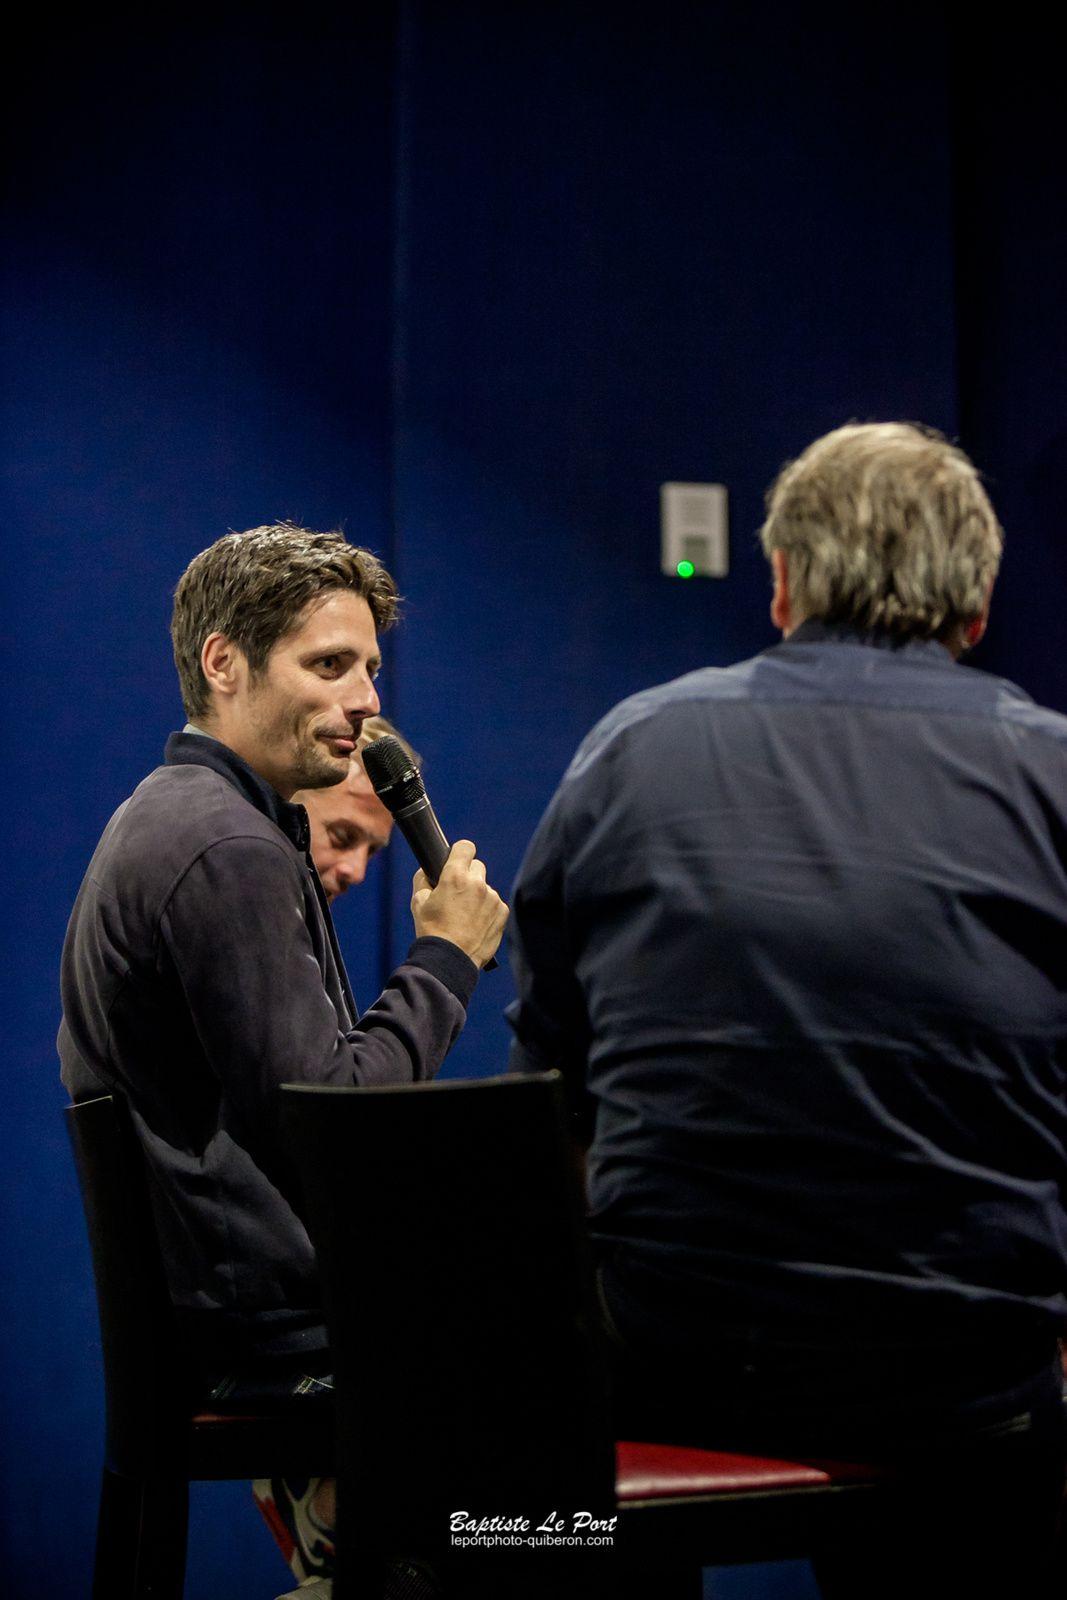 22 juin - Personna non Grata en avant première au cinéma Paradis de Quiberon